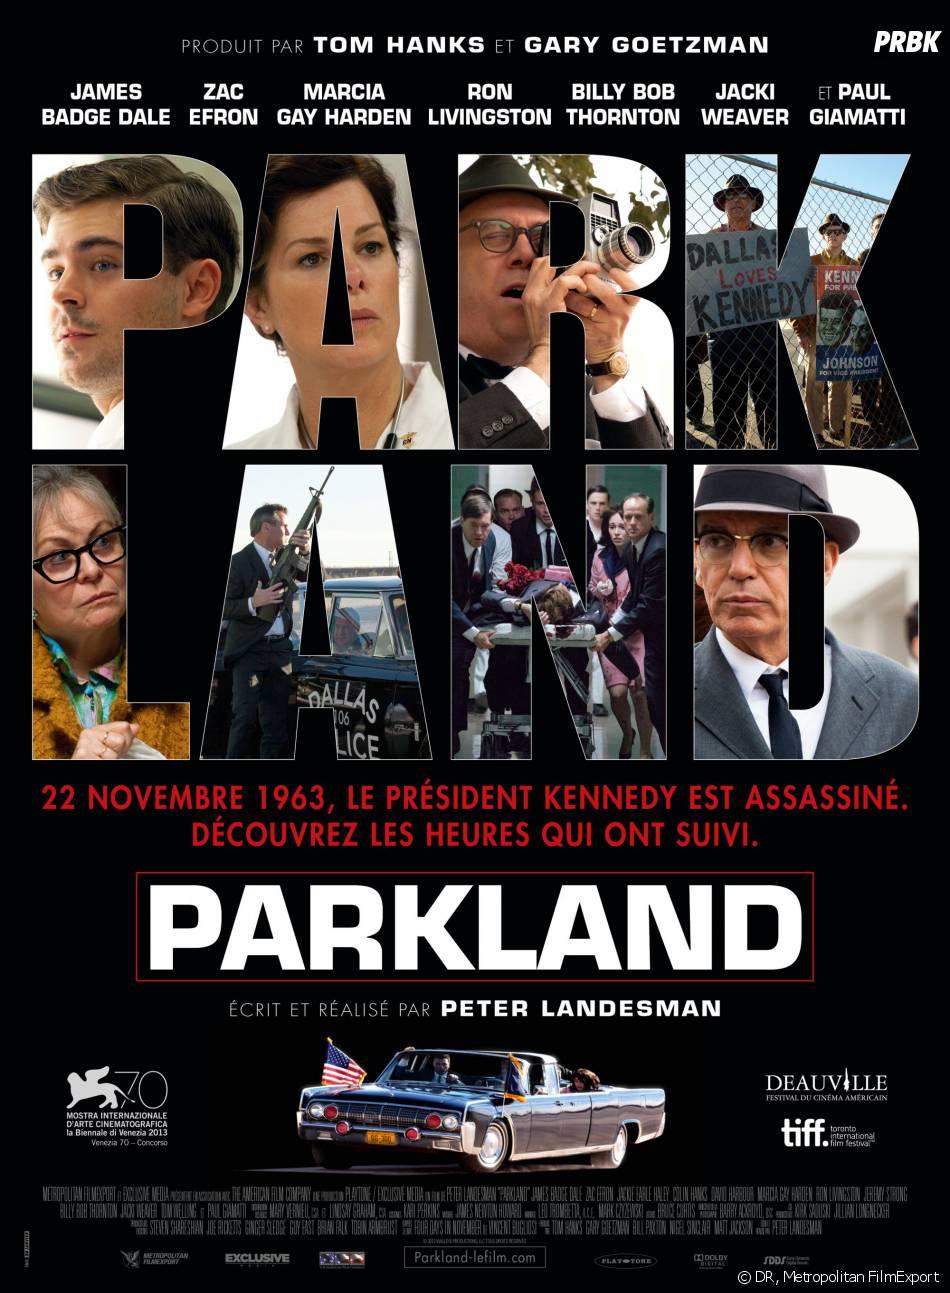 Parkland au cinéma le 2 octobre